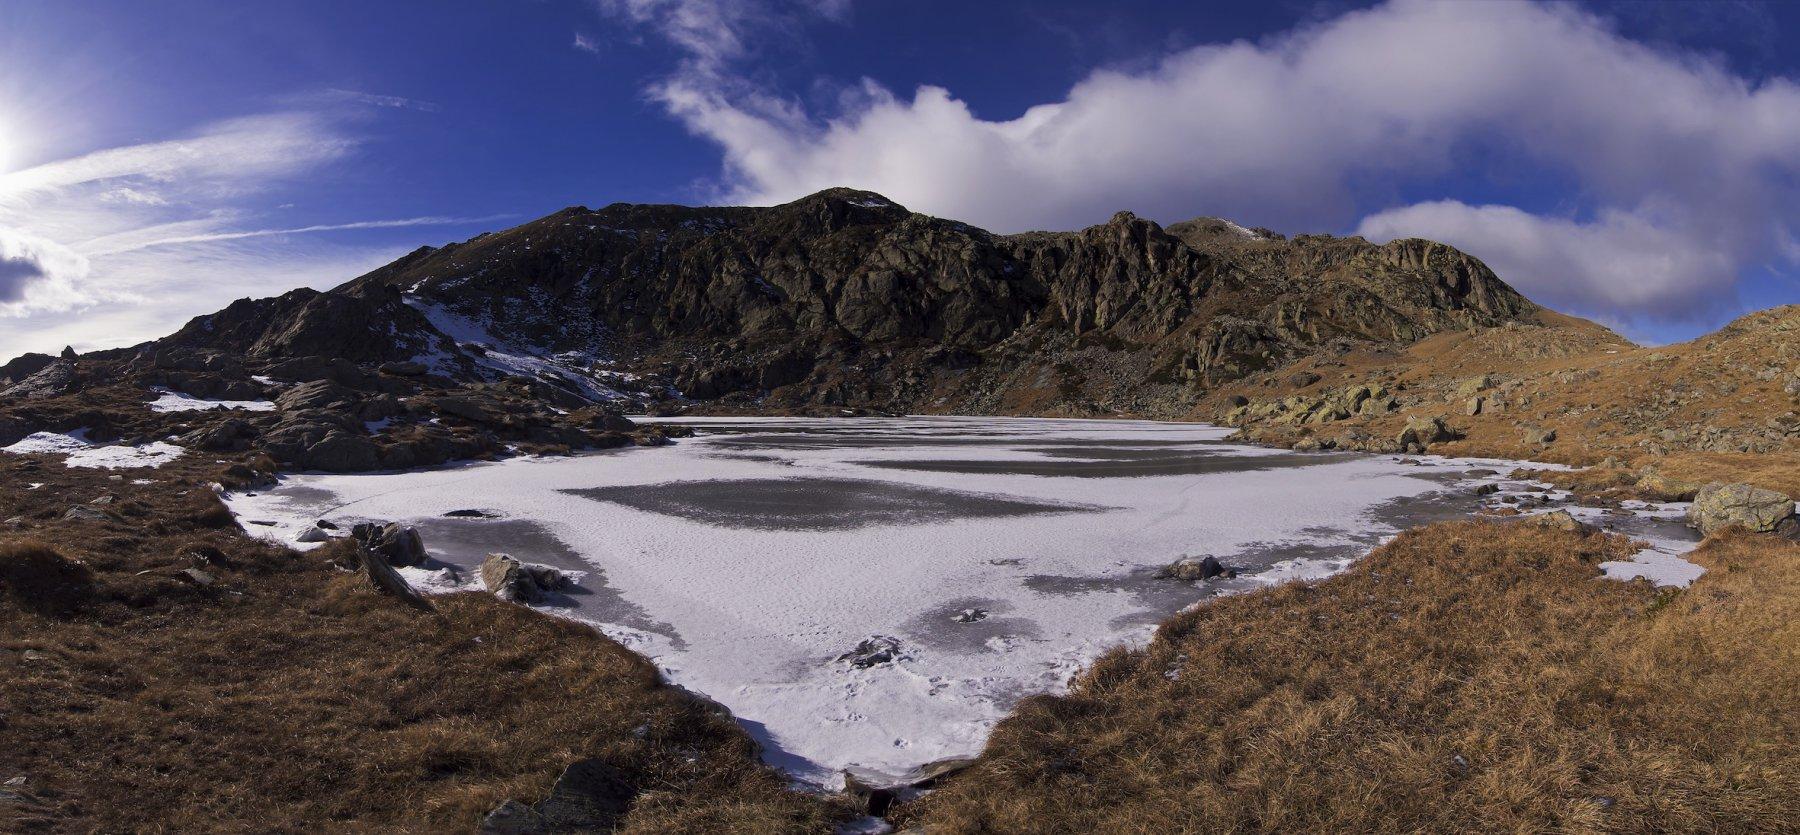 Il lago di Viana gelato. Sullo sfondo a sinistra il Ciarm del Prete